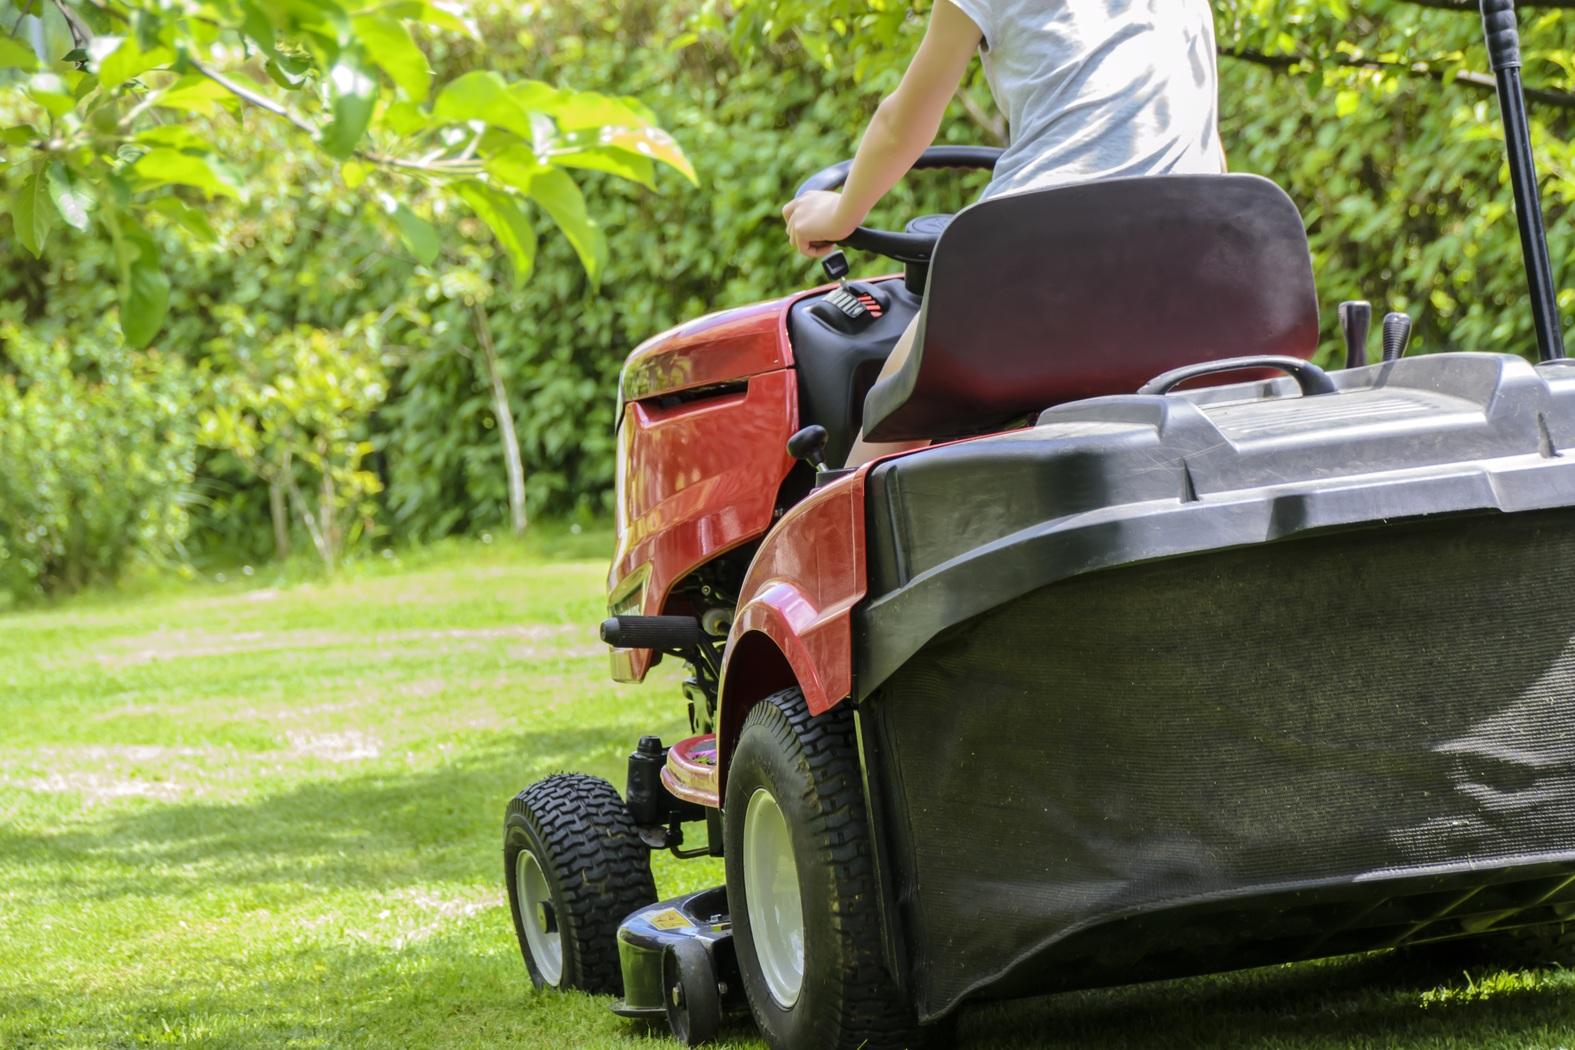 Рейтинг лучших садовых тракторов и райдеров на 2020 год